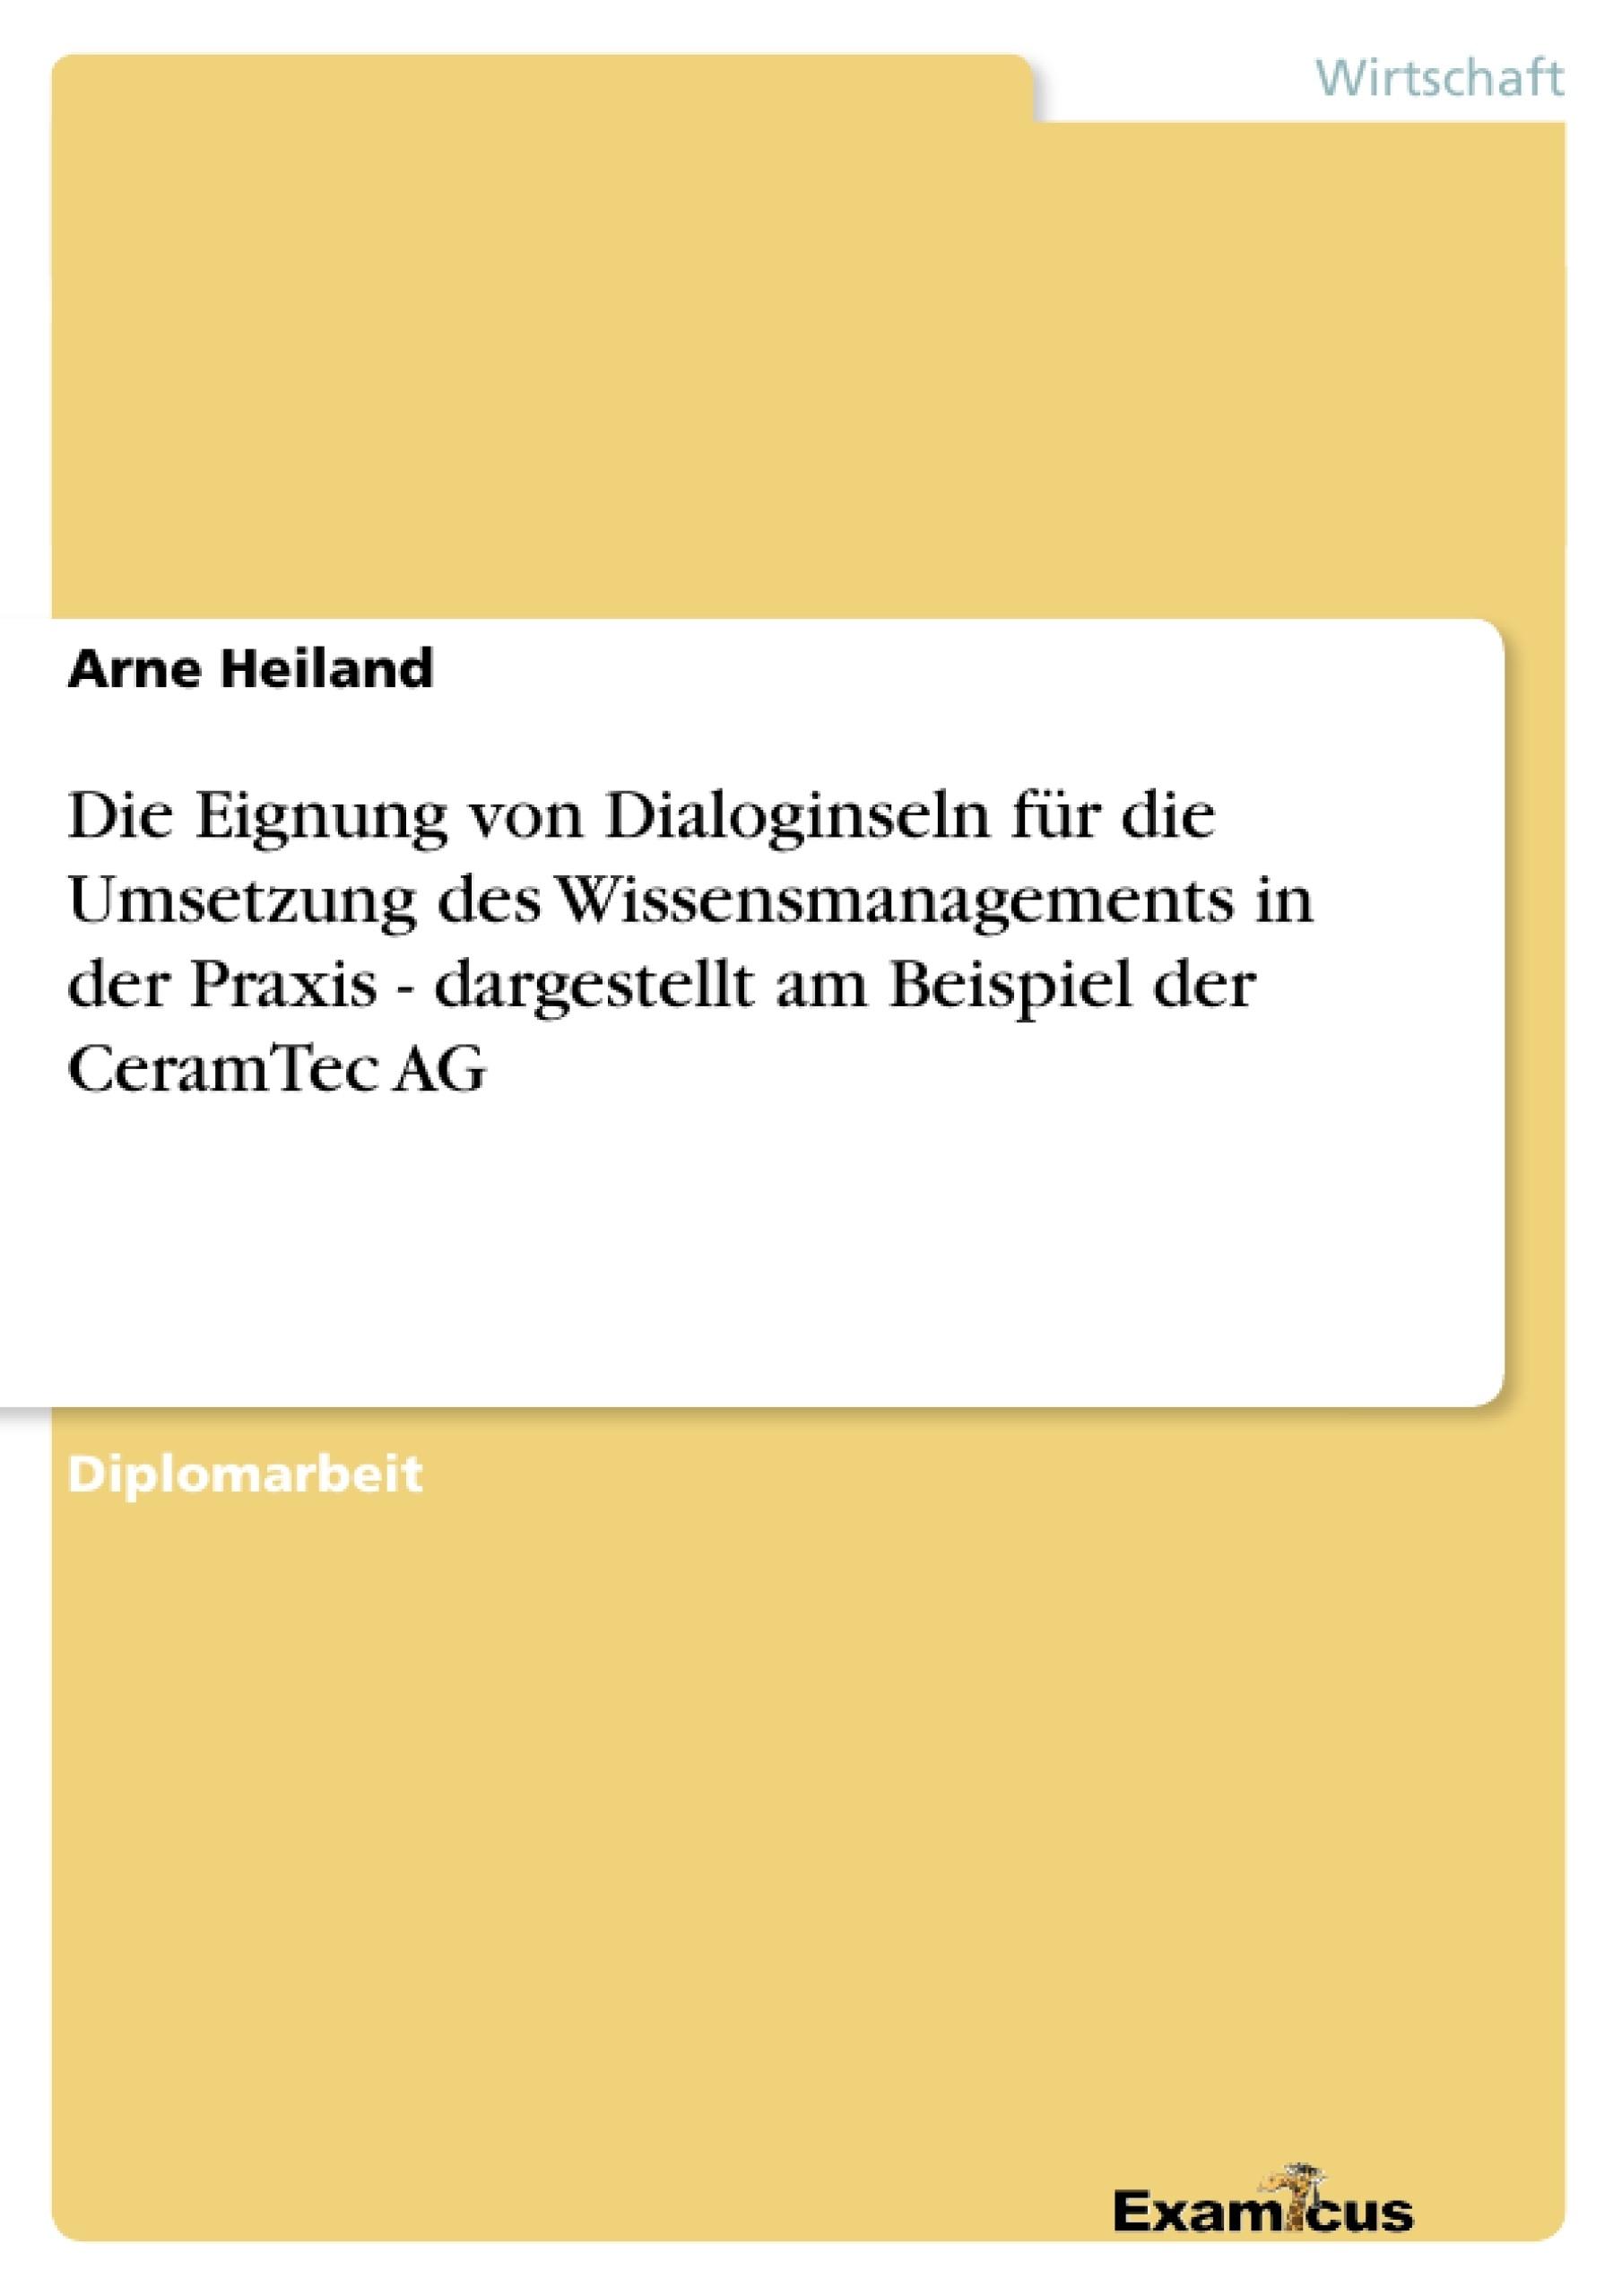 Titel: Die Eignung von Dialoginseln für die Umsetzung des Wissensmanagements in der Praxis - dargestellt am Beispiel der CeramTec AG